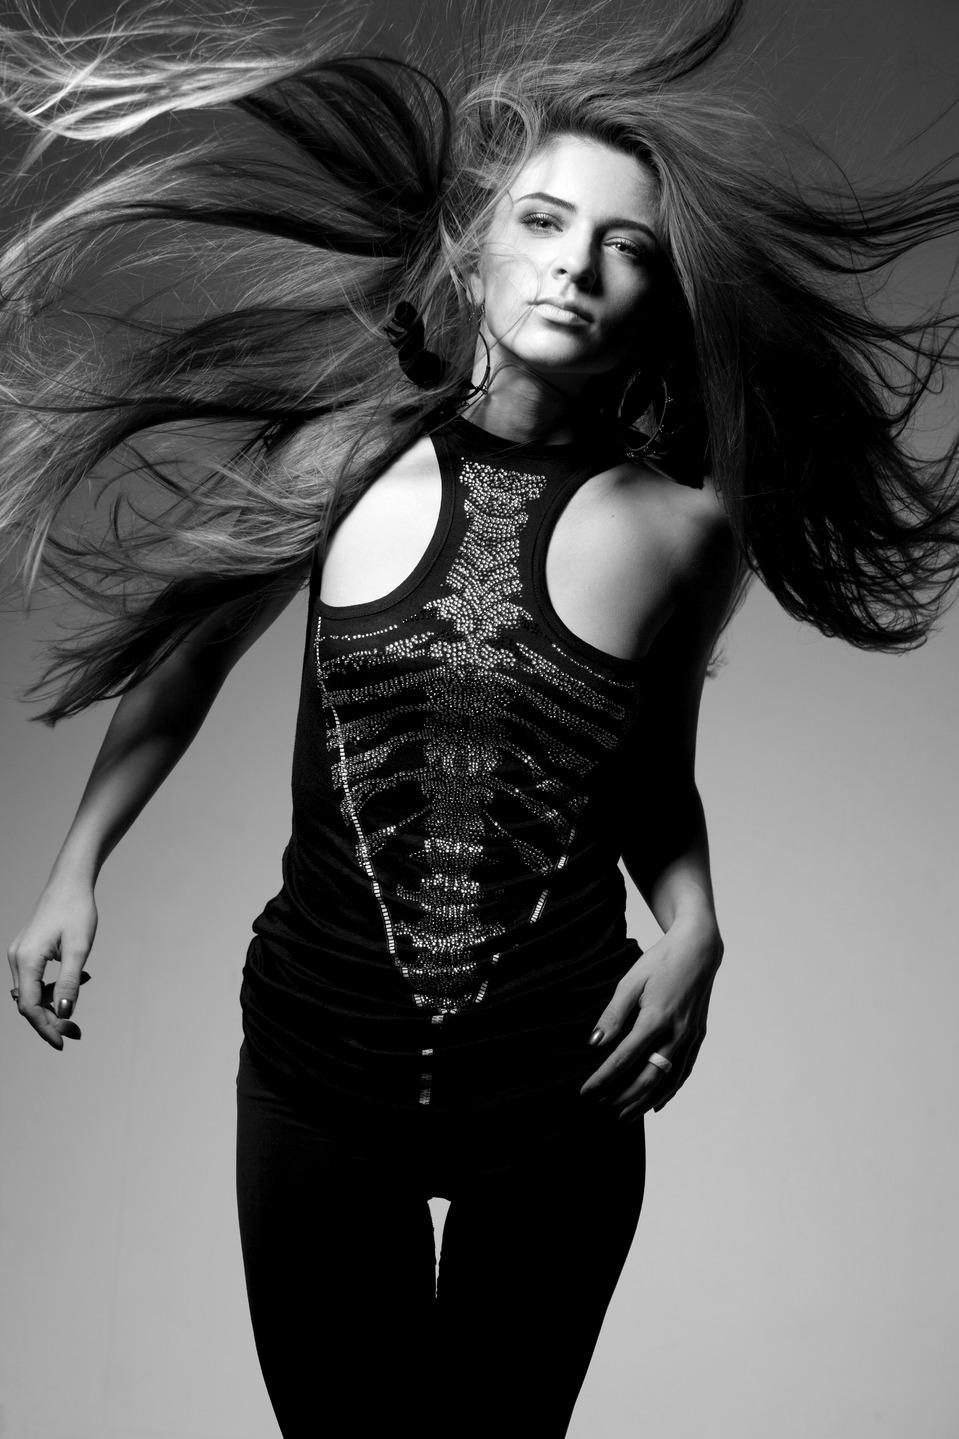 Female madol   female model, girl, black & white, long hair